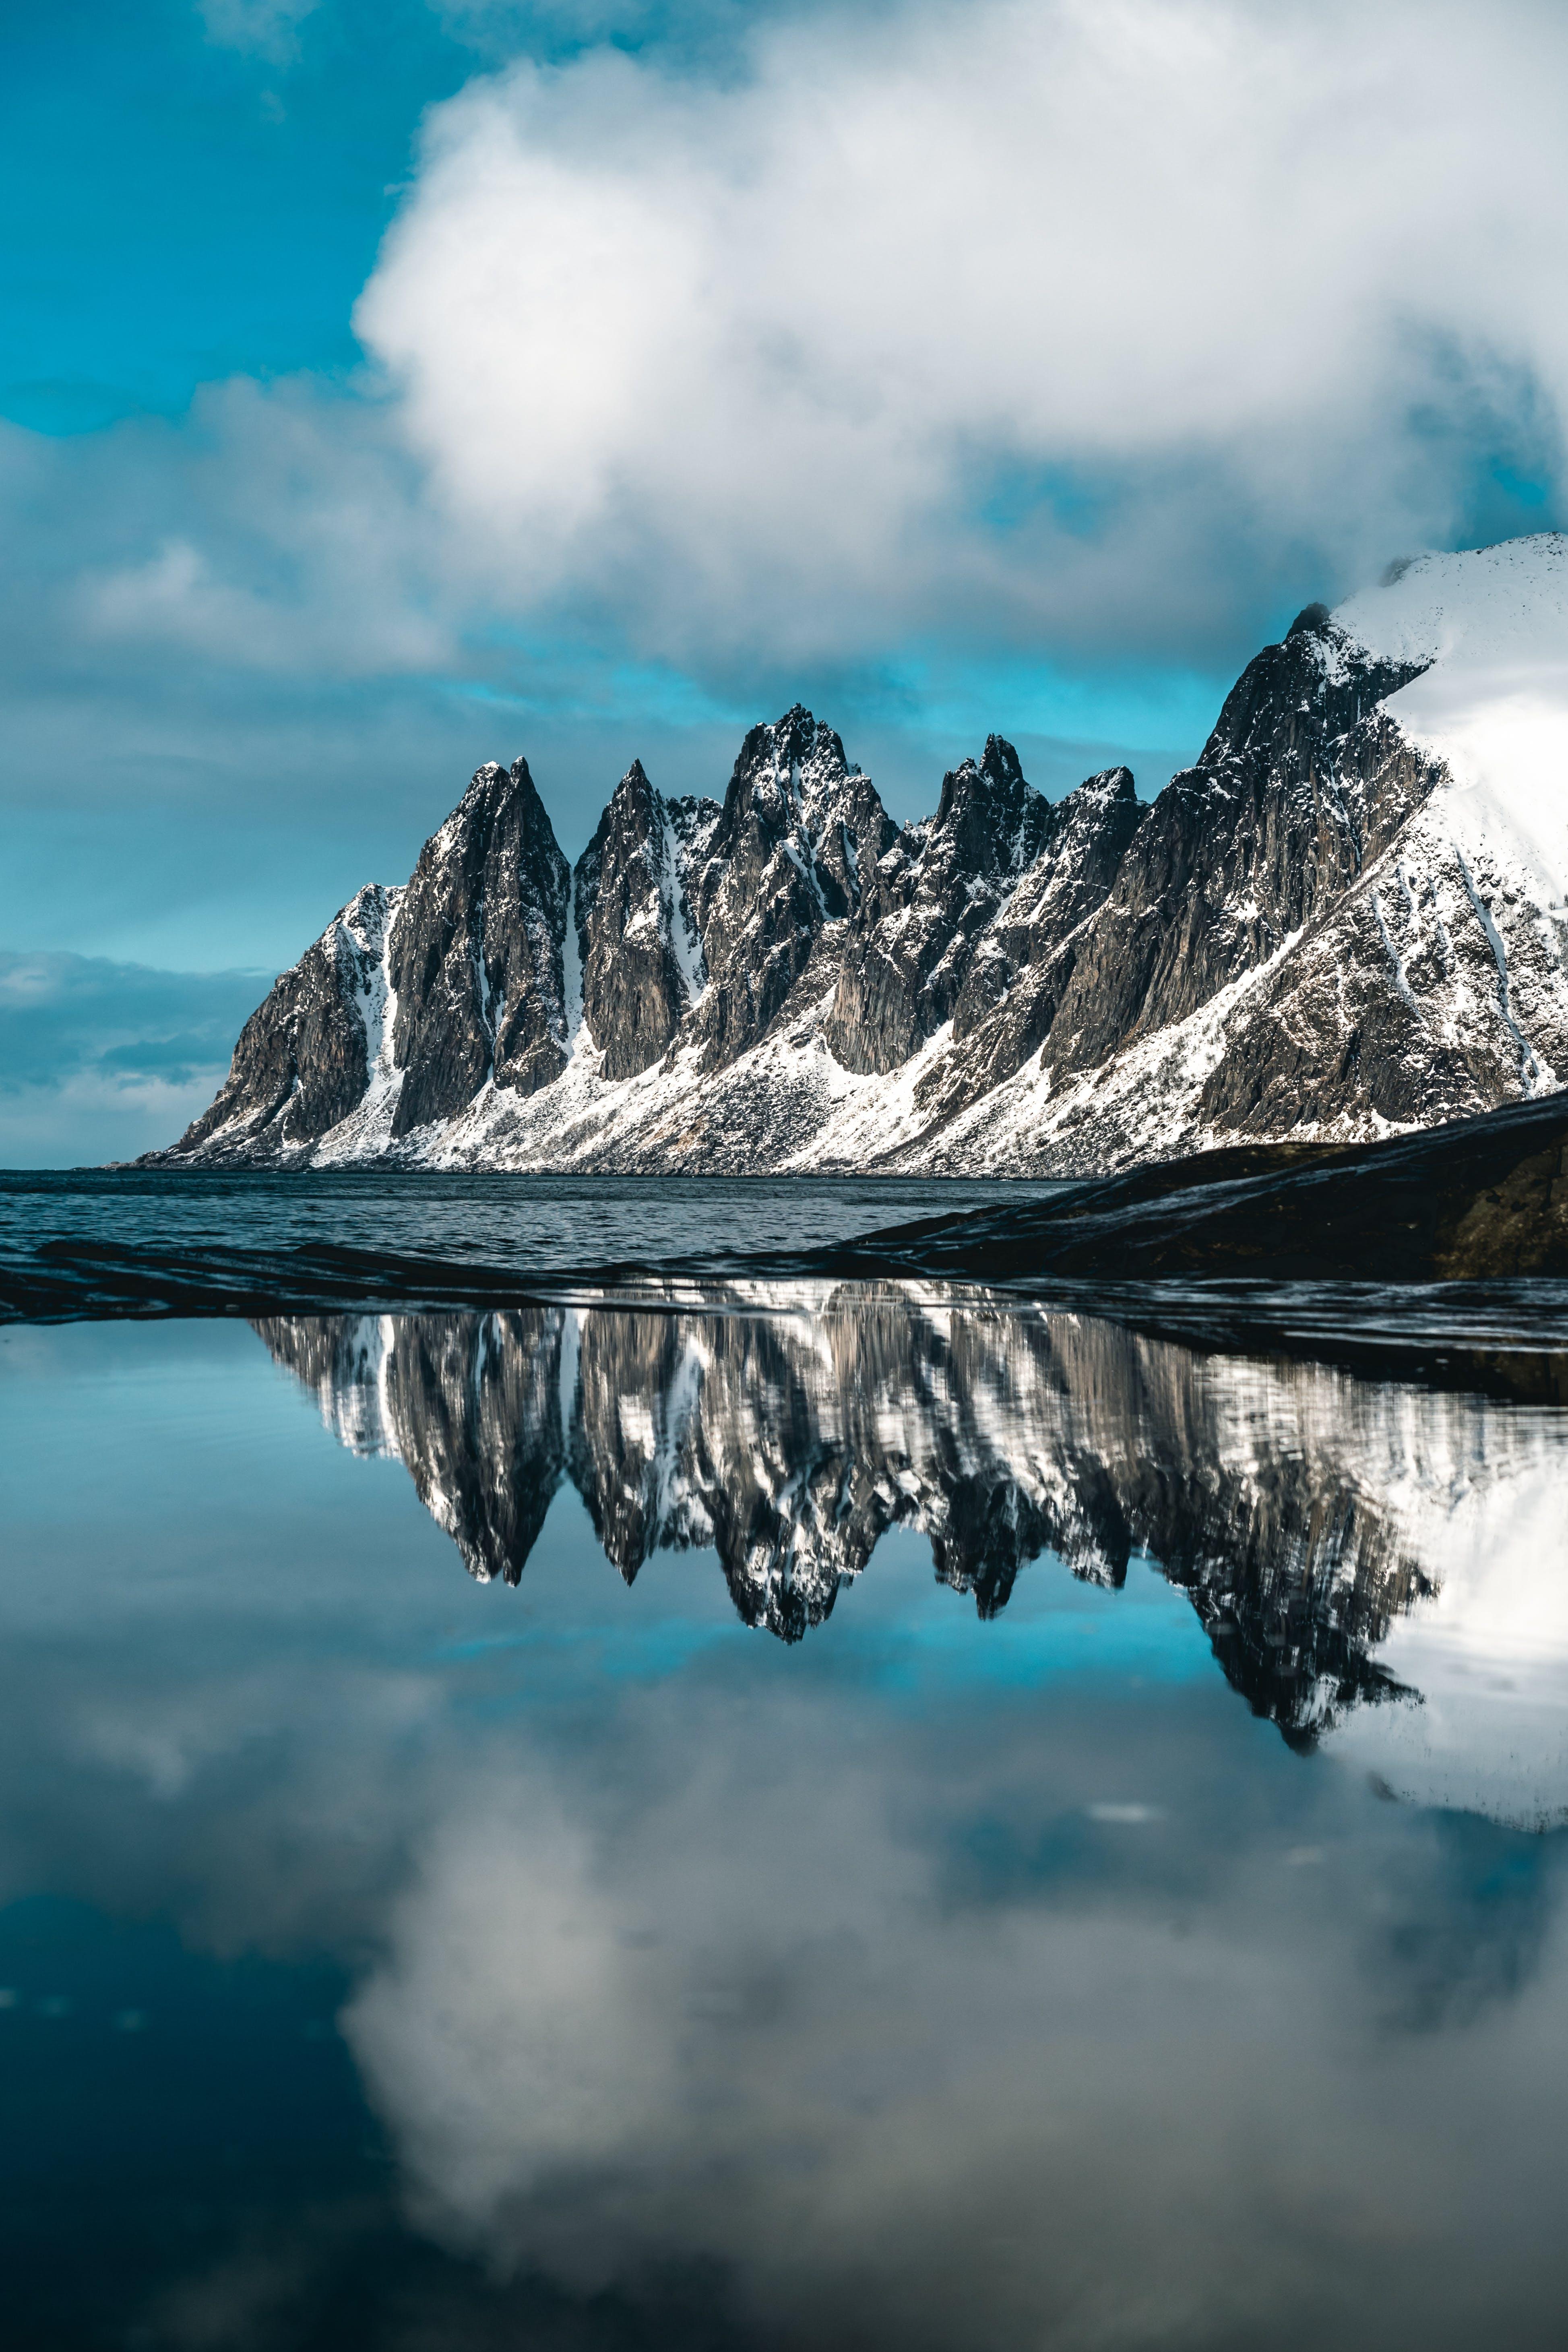 arılık, buz tutmuş, dağ, dağ doruğu içeren Ücretsiz stok fotoğraf